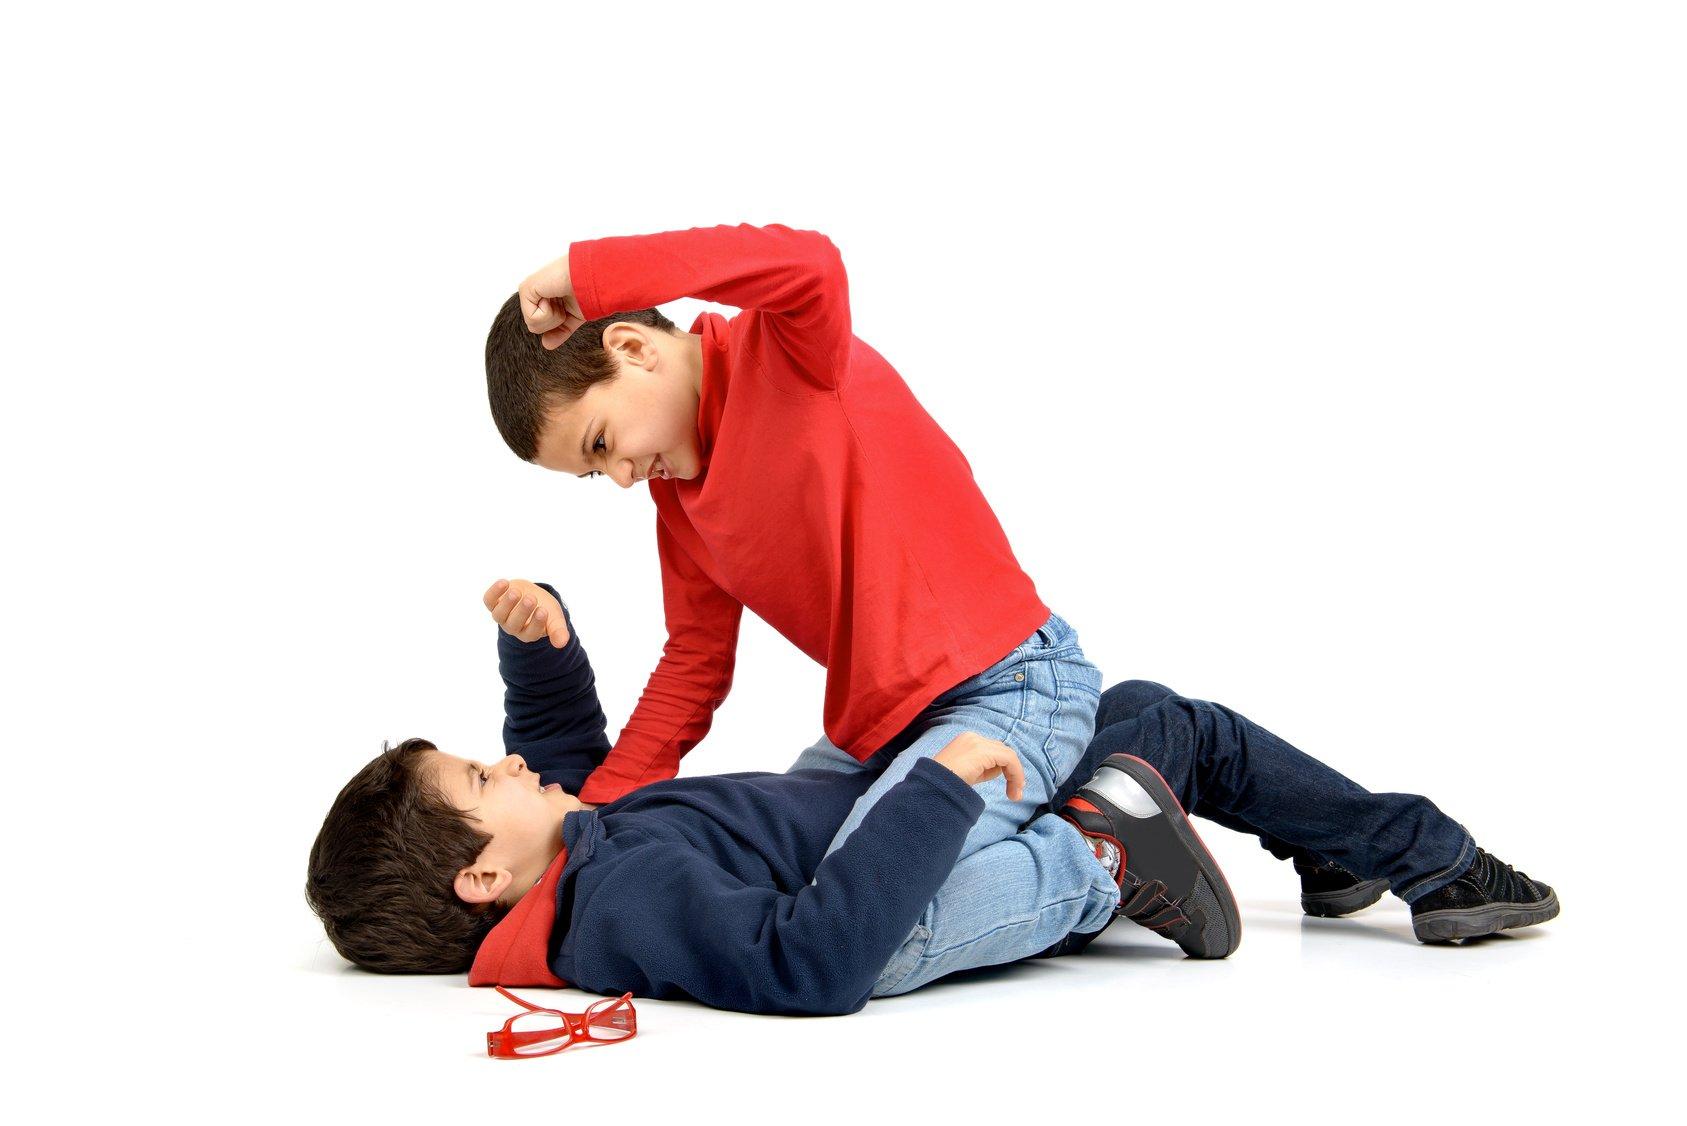 Вашего ребенка обижают? Научите его противостоять конфликтной ситуации.